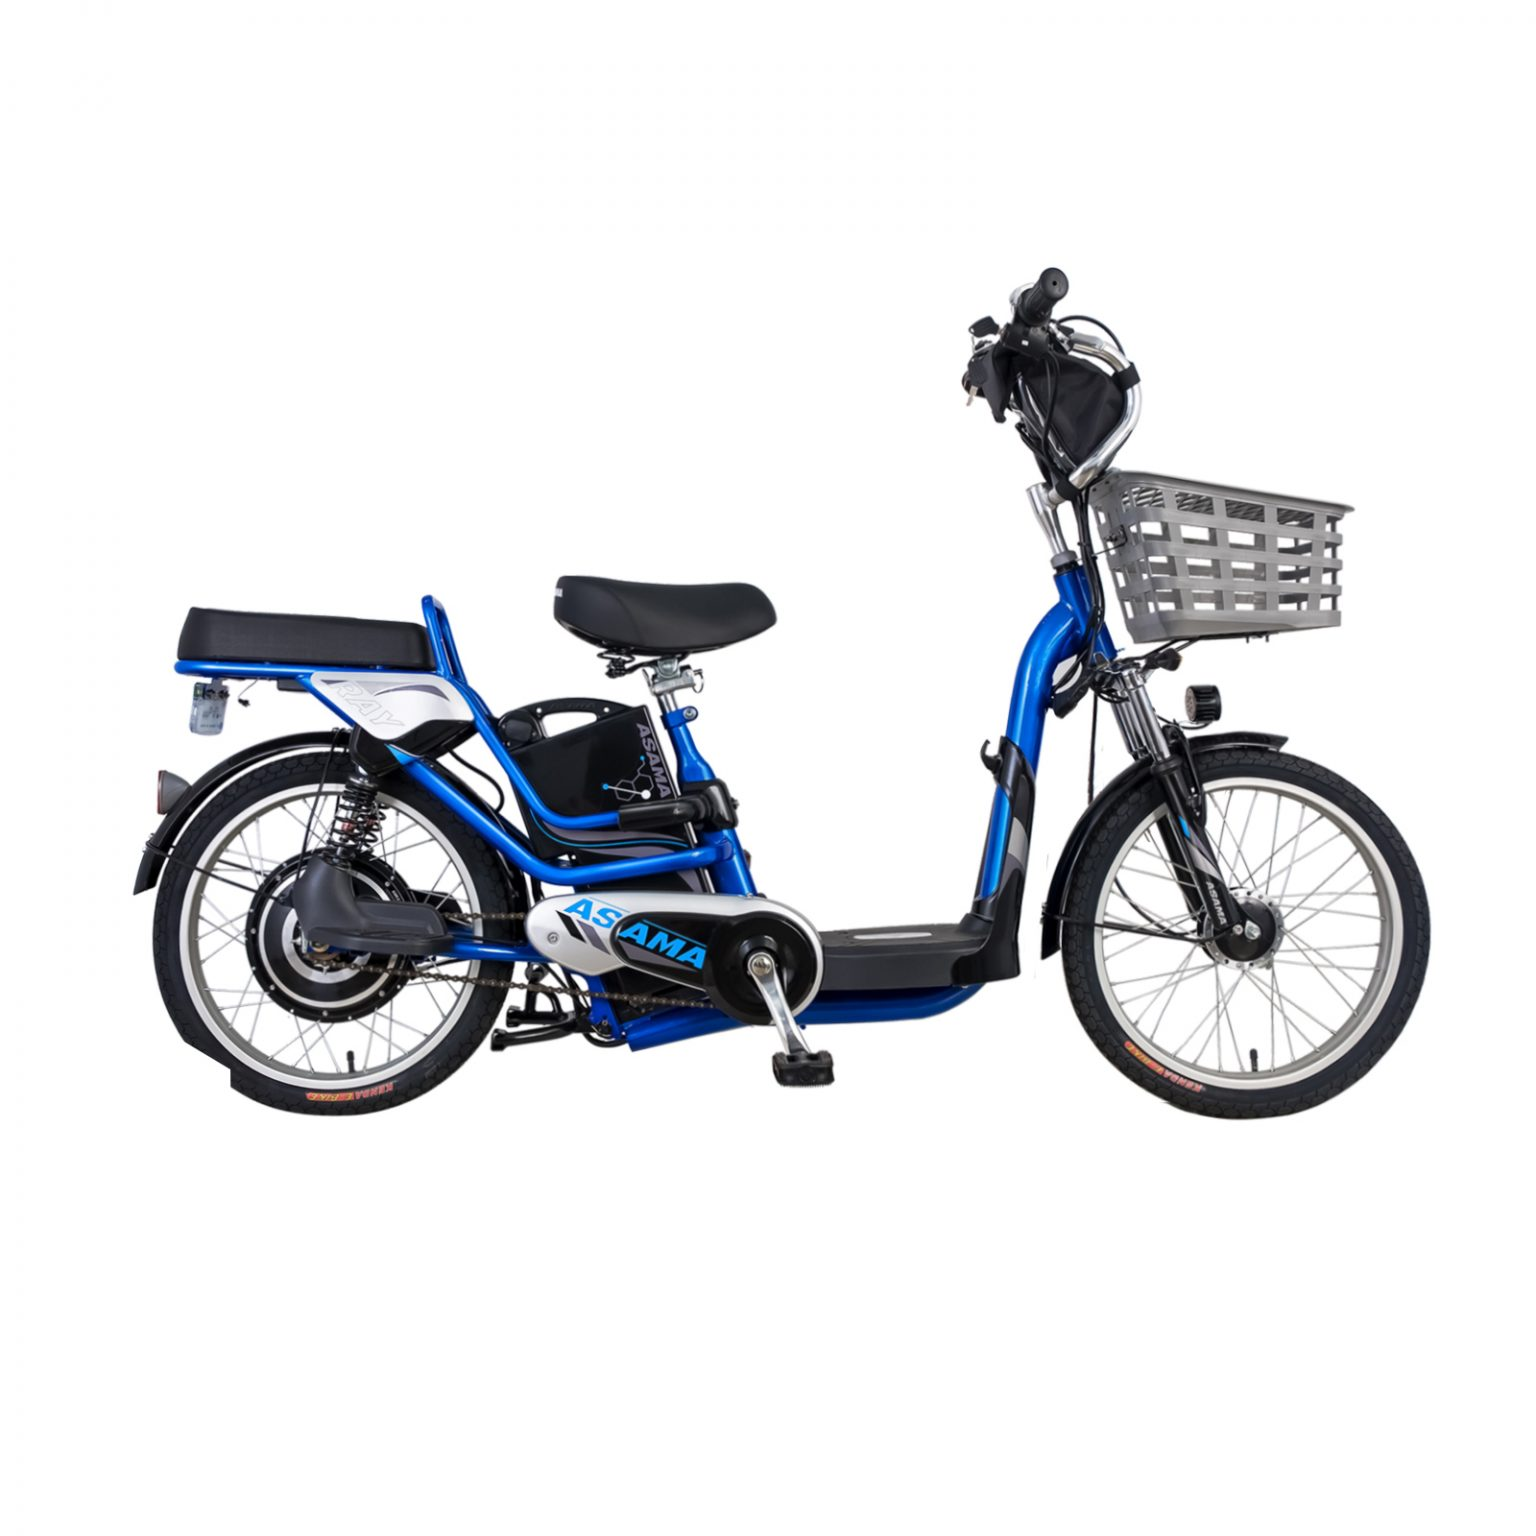 xe_đạp_điện_asama_EBK-RY2001_xanh